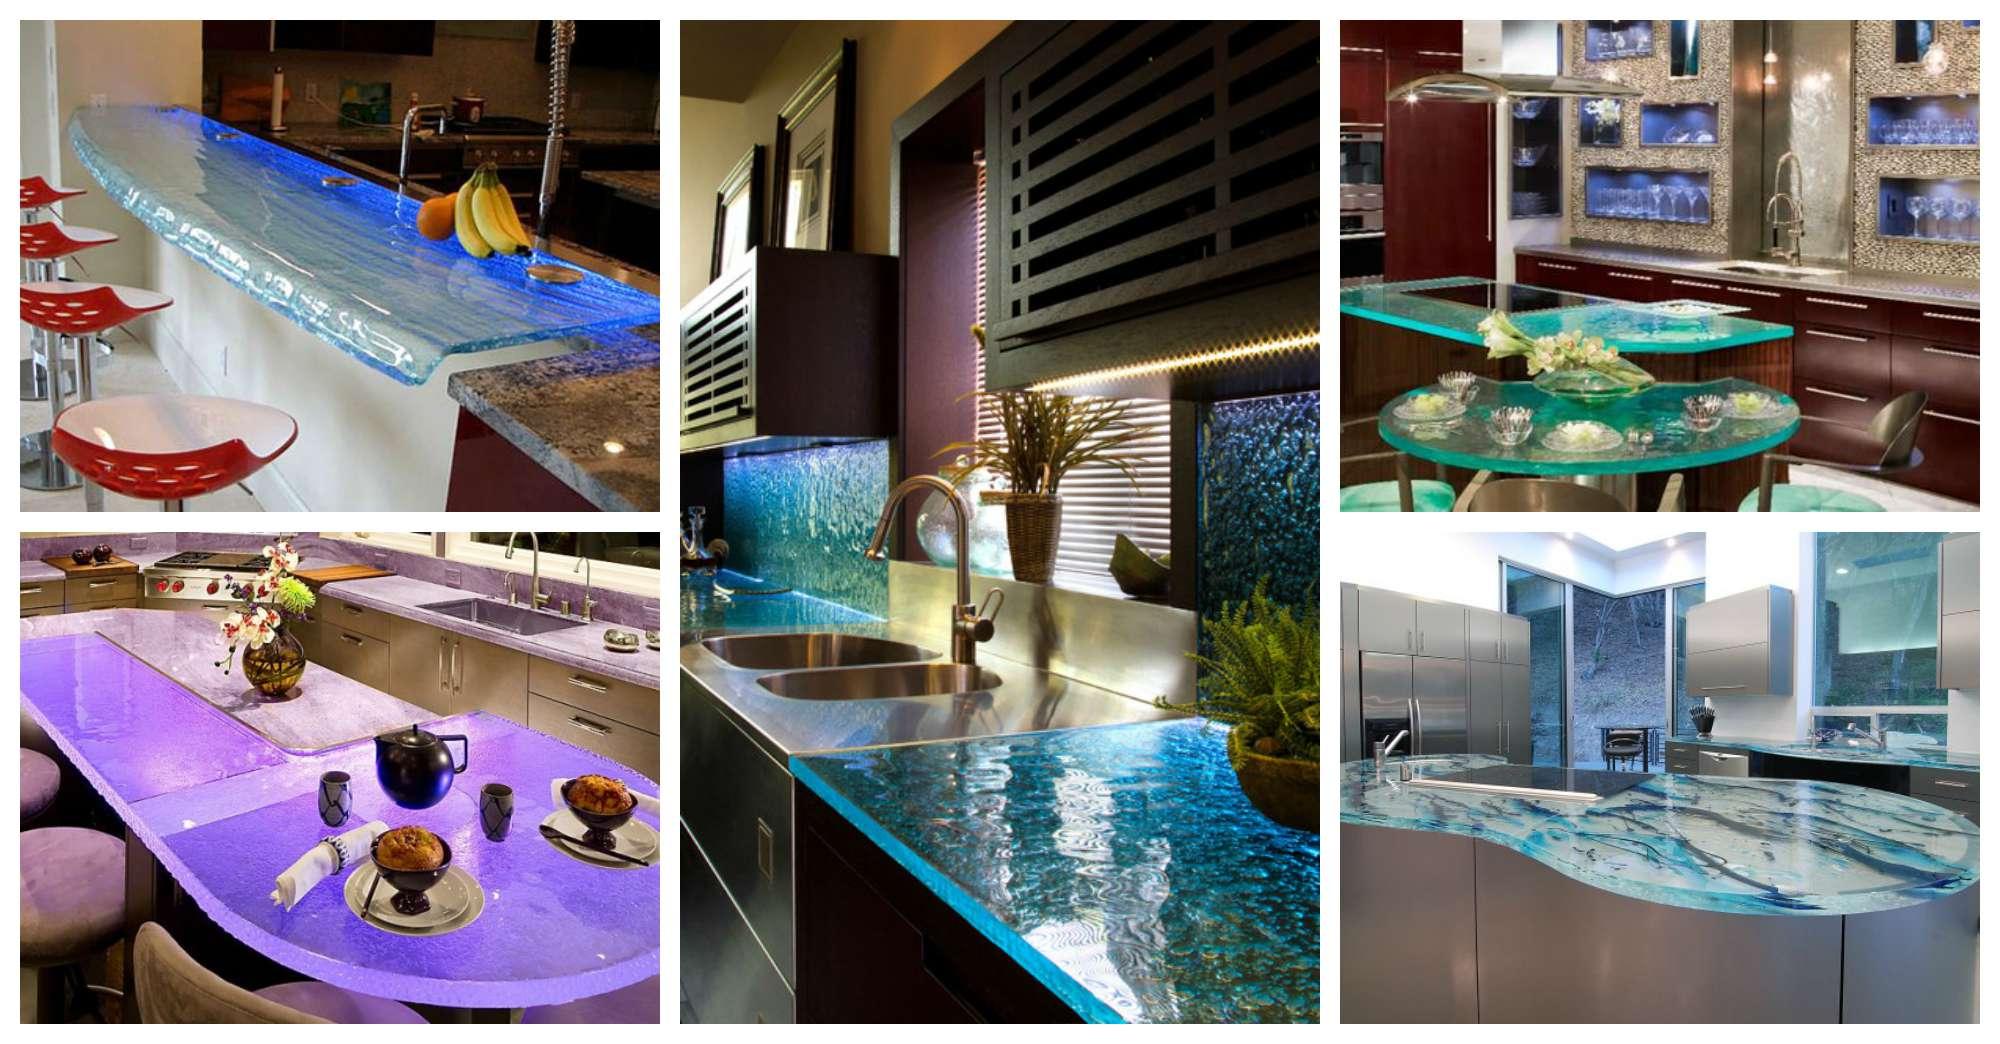 kitchen design glass kitchen countertops Modern Glass Kitchen Countertops